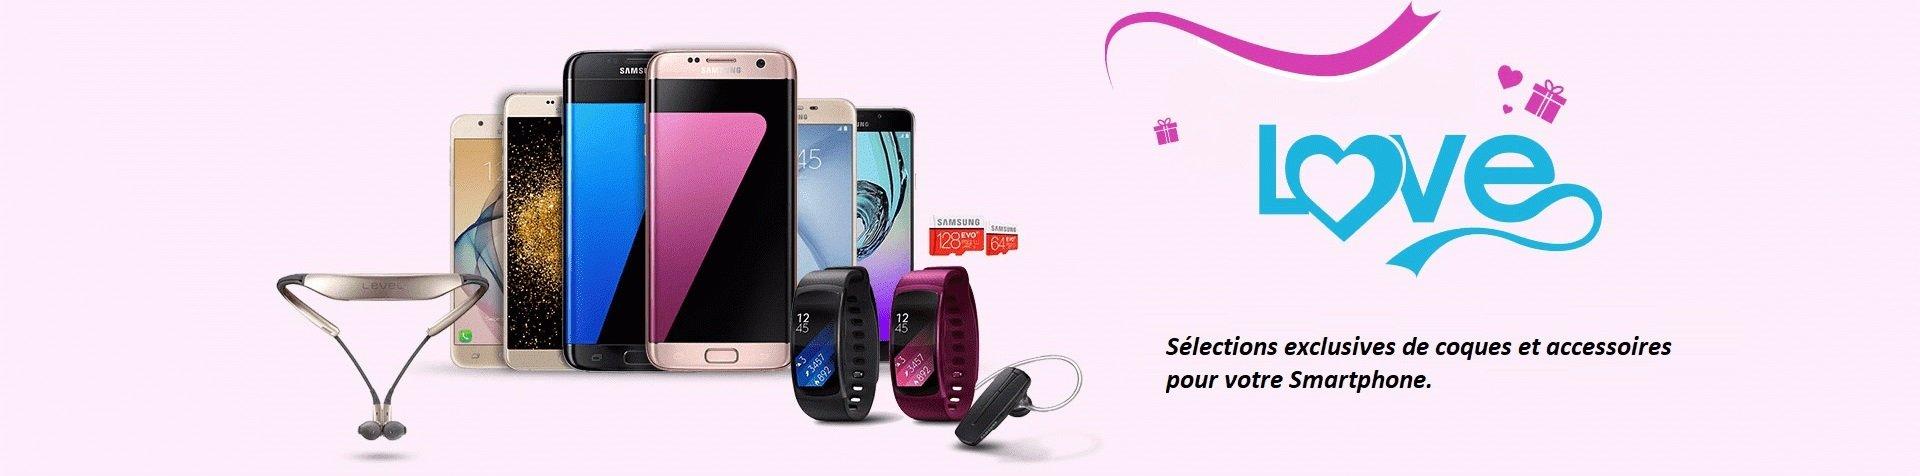 Accesorios y fundas para Smartphones e iPhones, Galaxy S8, Huawei p10, LG G6